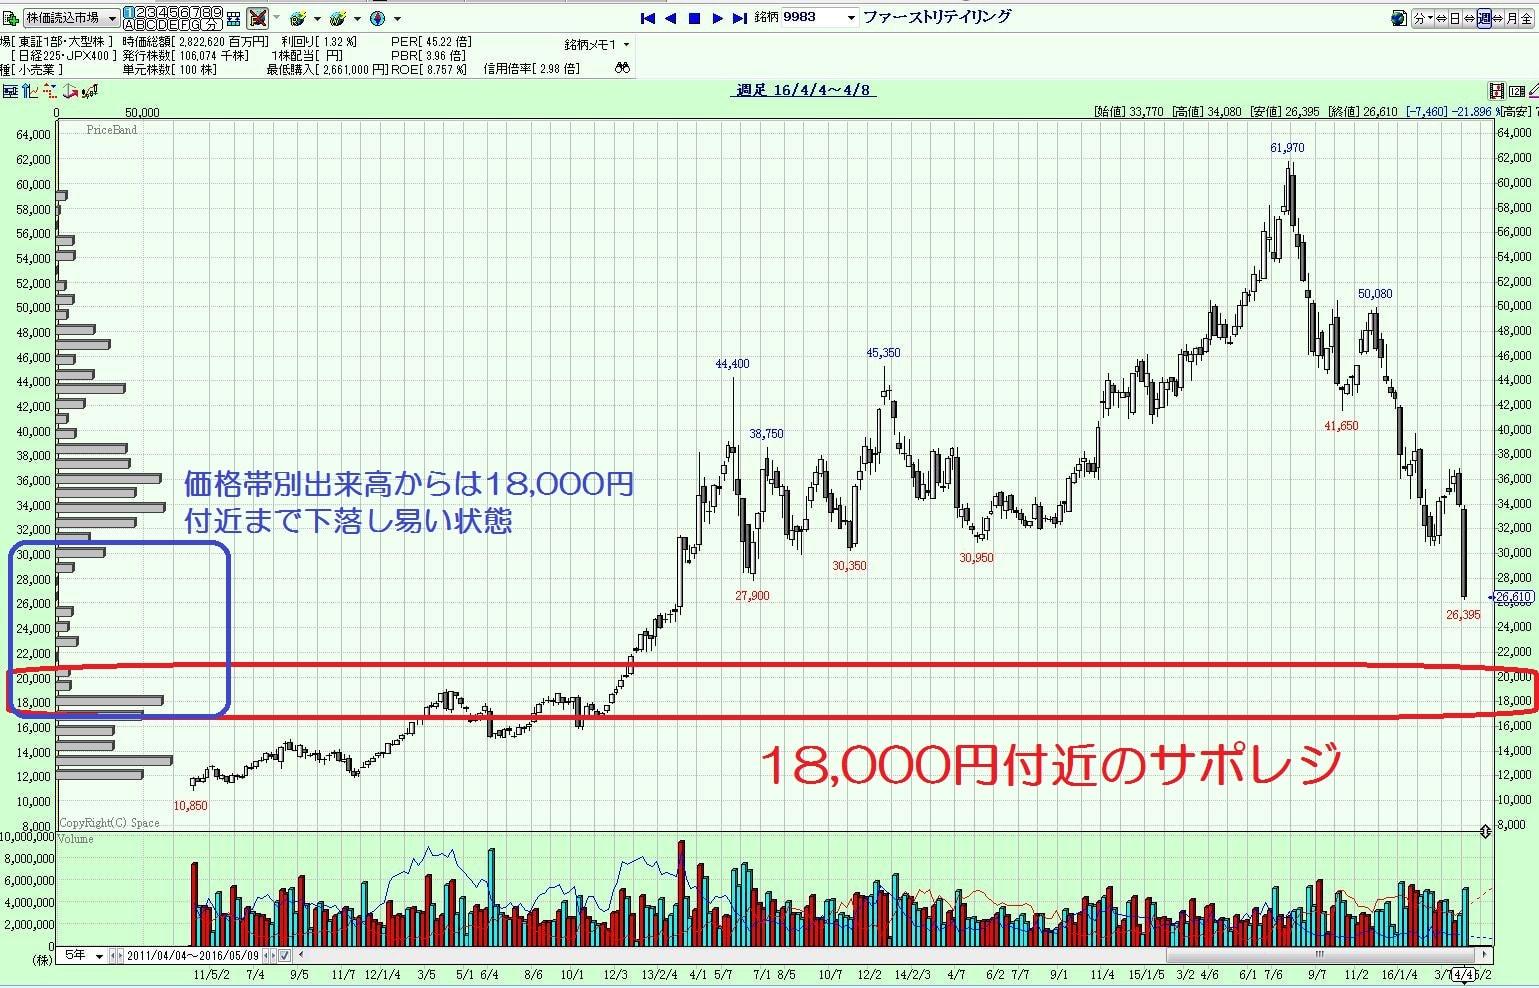 16.4.11ファーストリテイリング株価-ポイント2-min